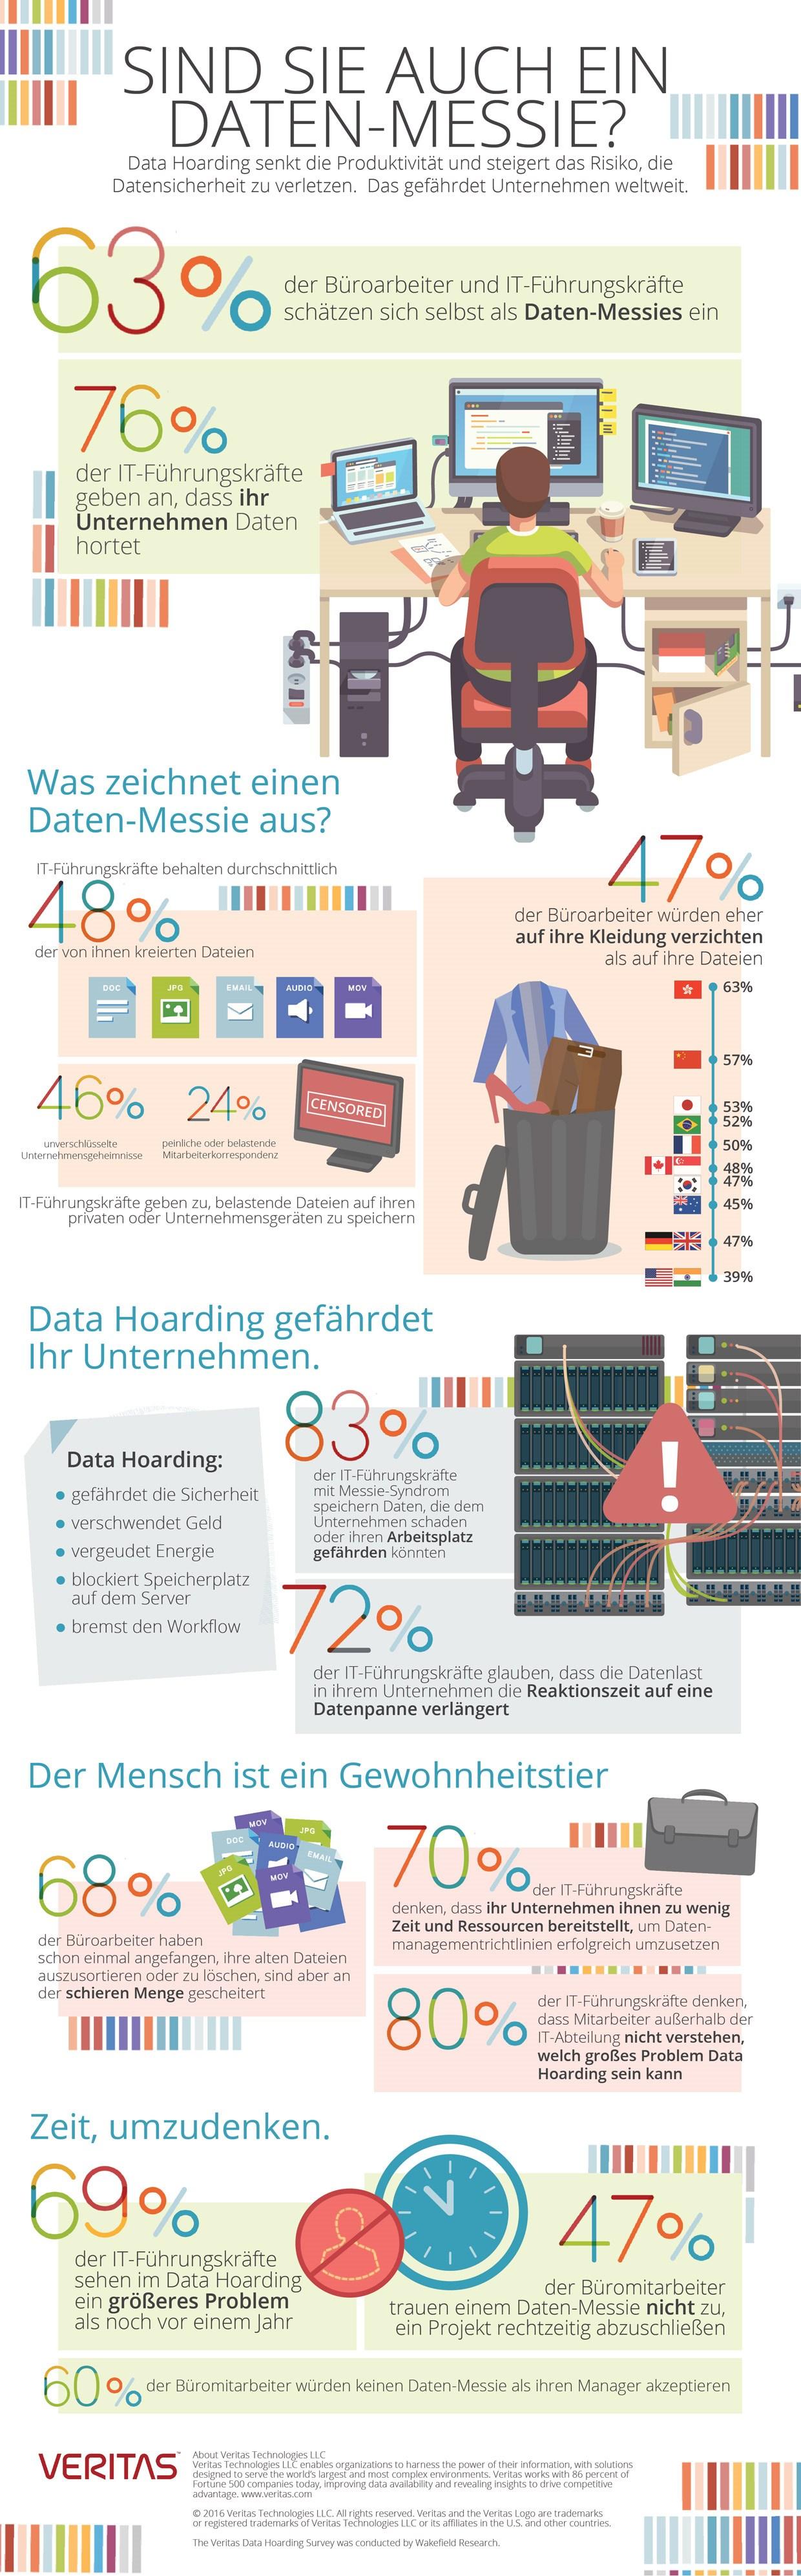 infografik-veritas-daten-messie-daten-horten